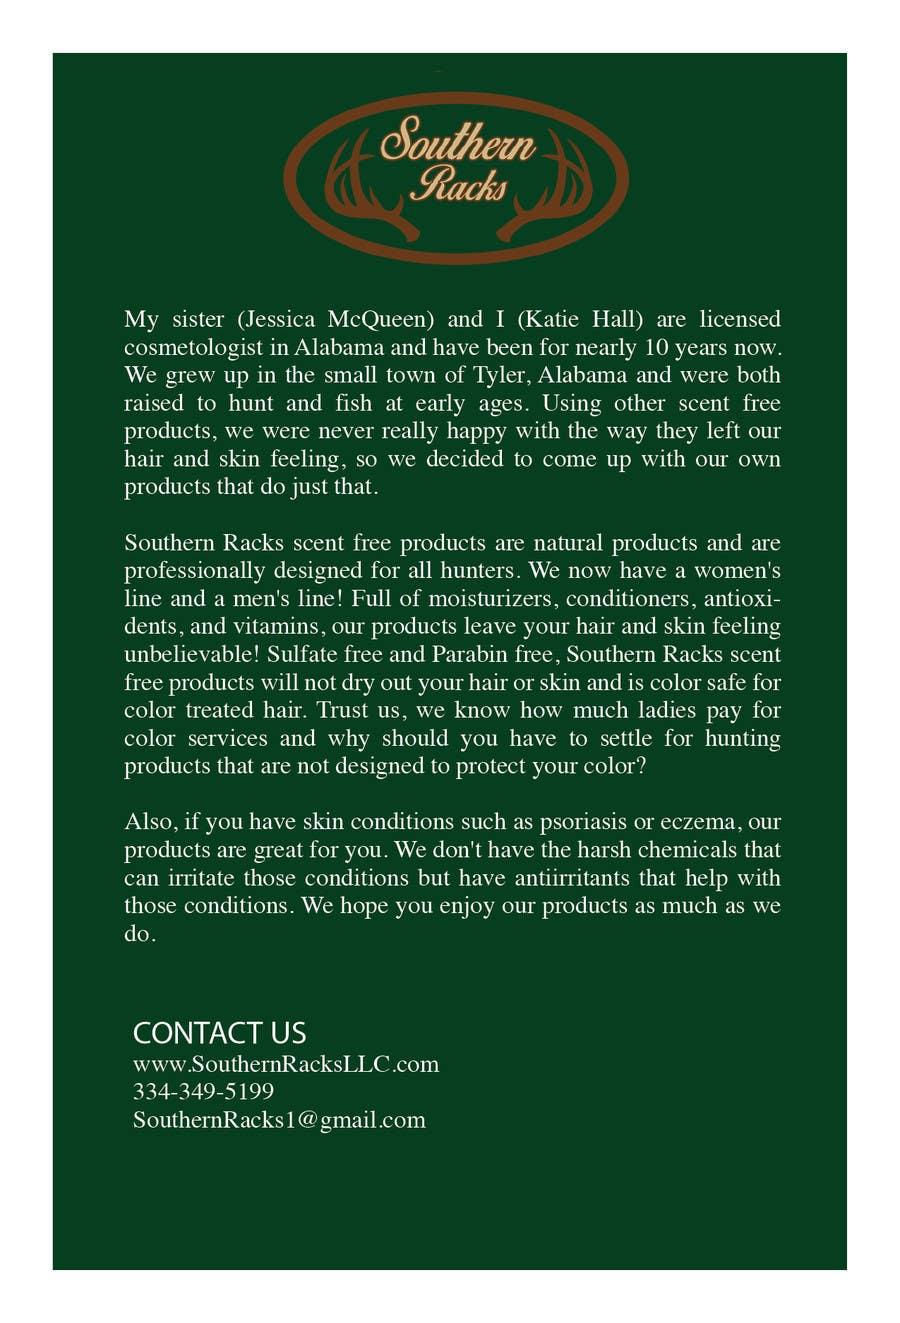 Penyertaan Peraduan #4 untuk Design a Flyer for Southern Racks LLC